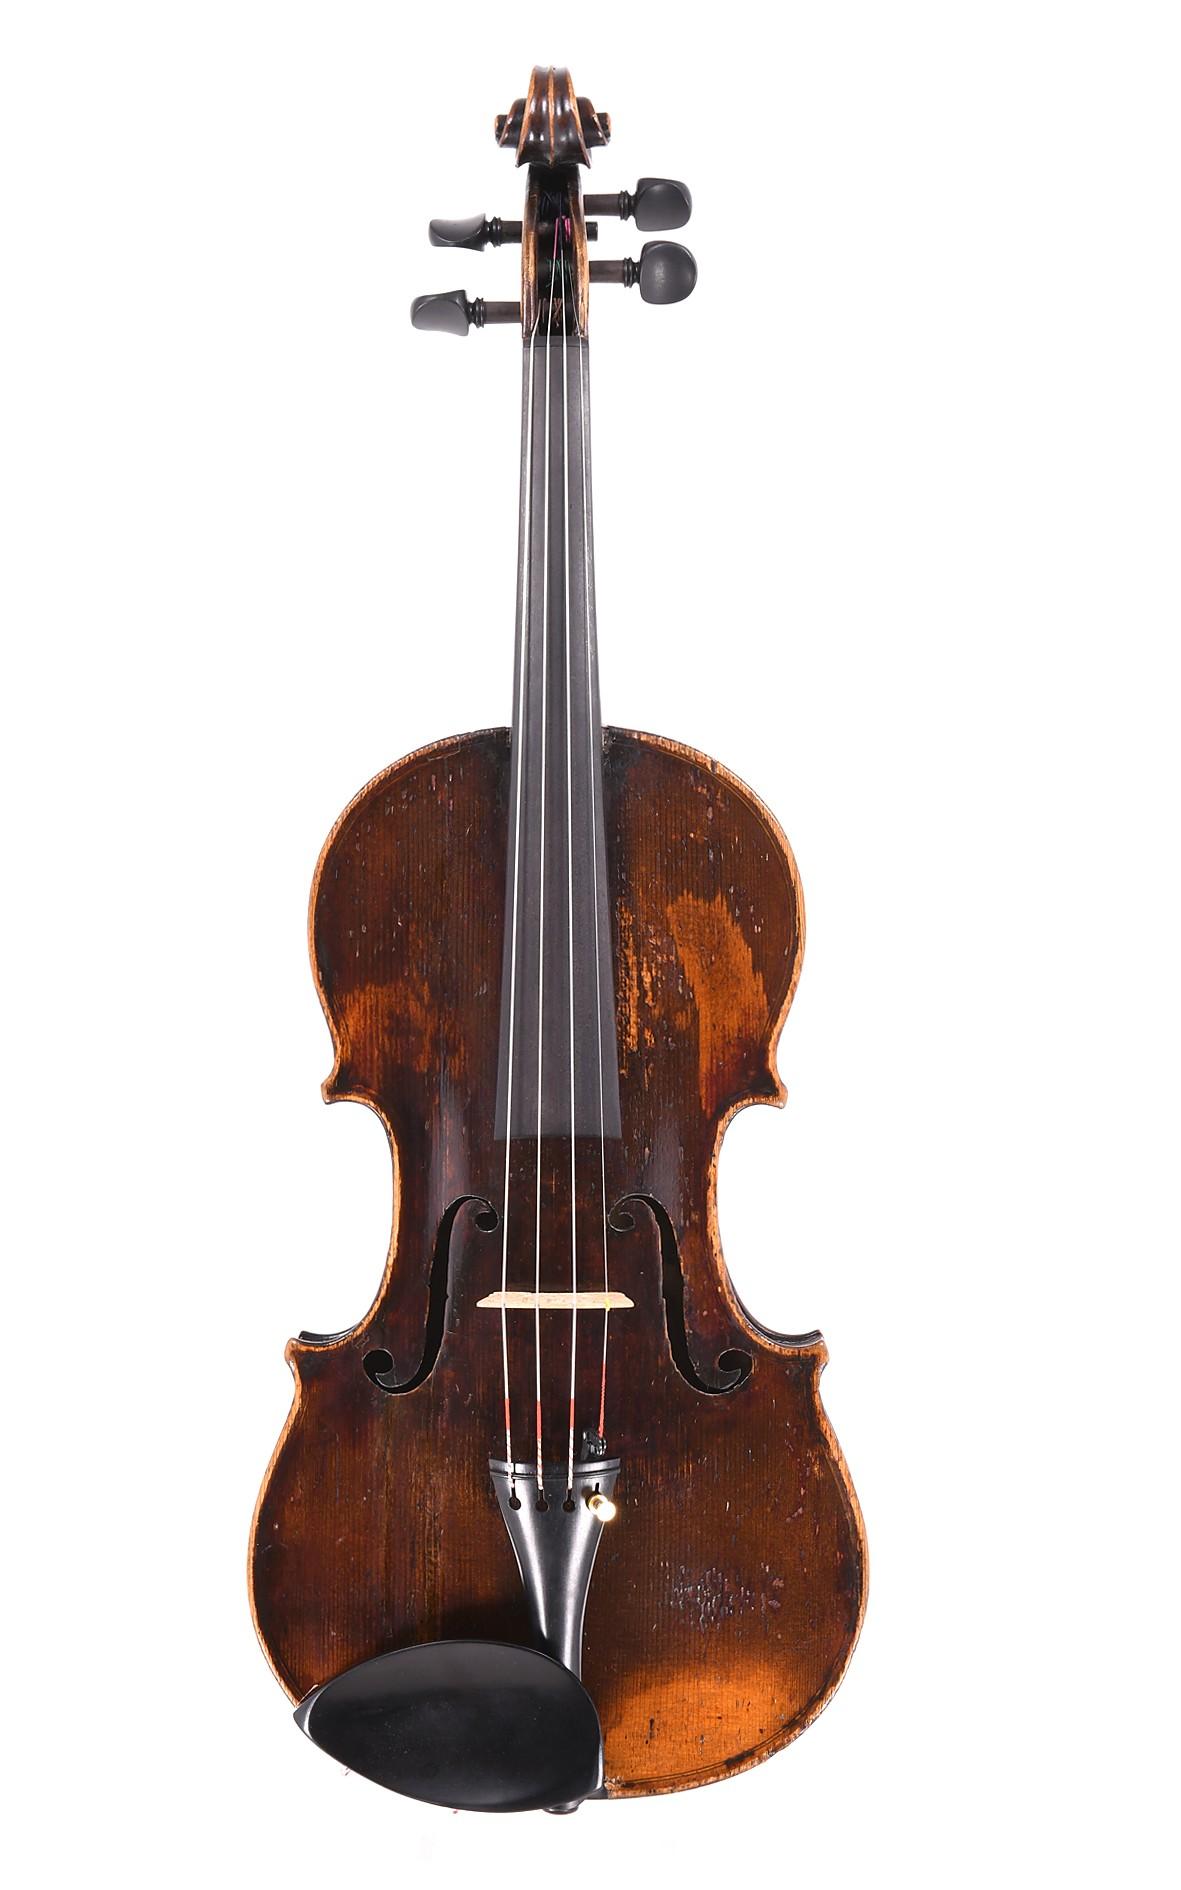 Charotte Familie altfranzösische Geige, um 1800